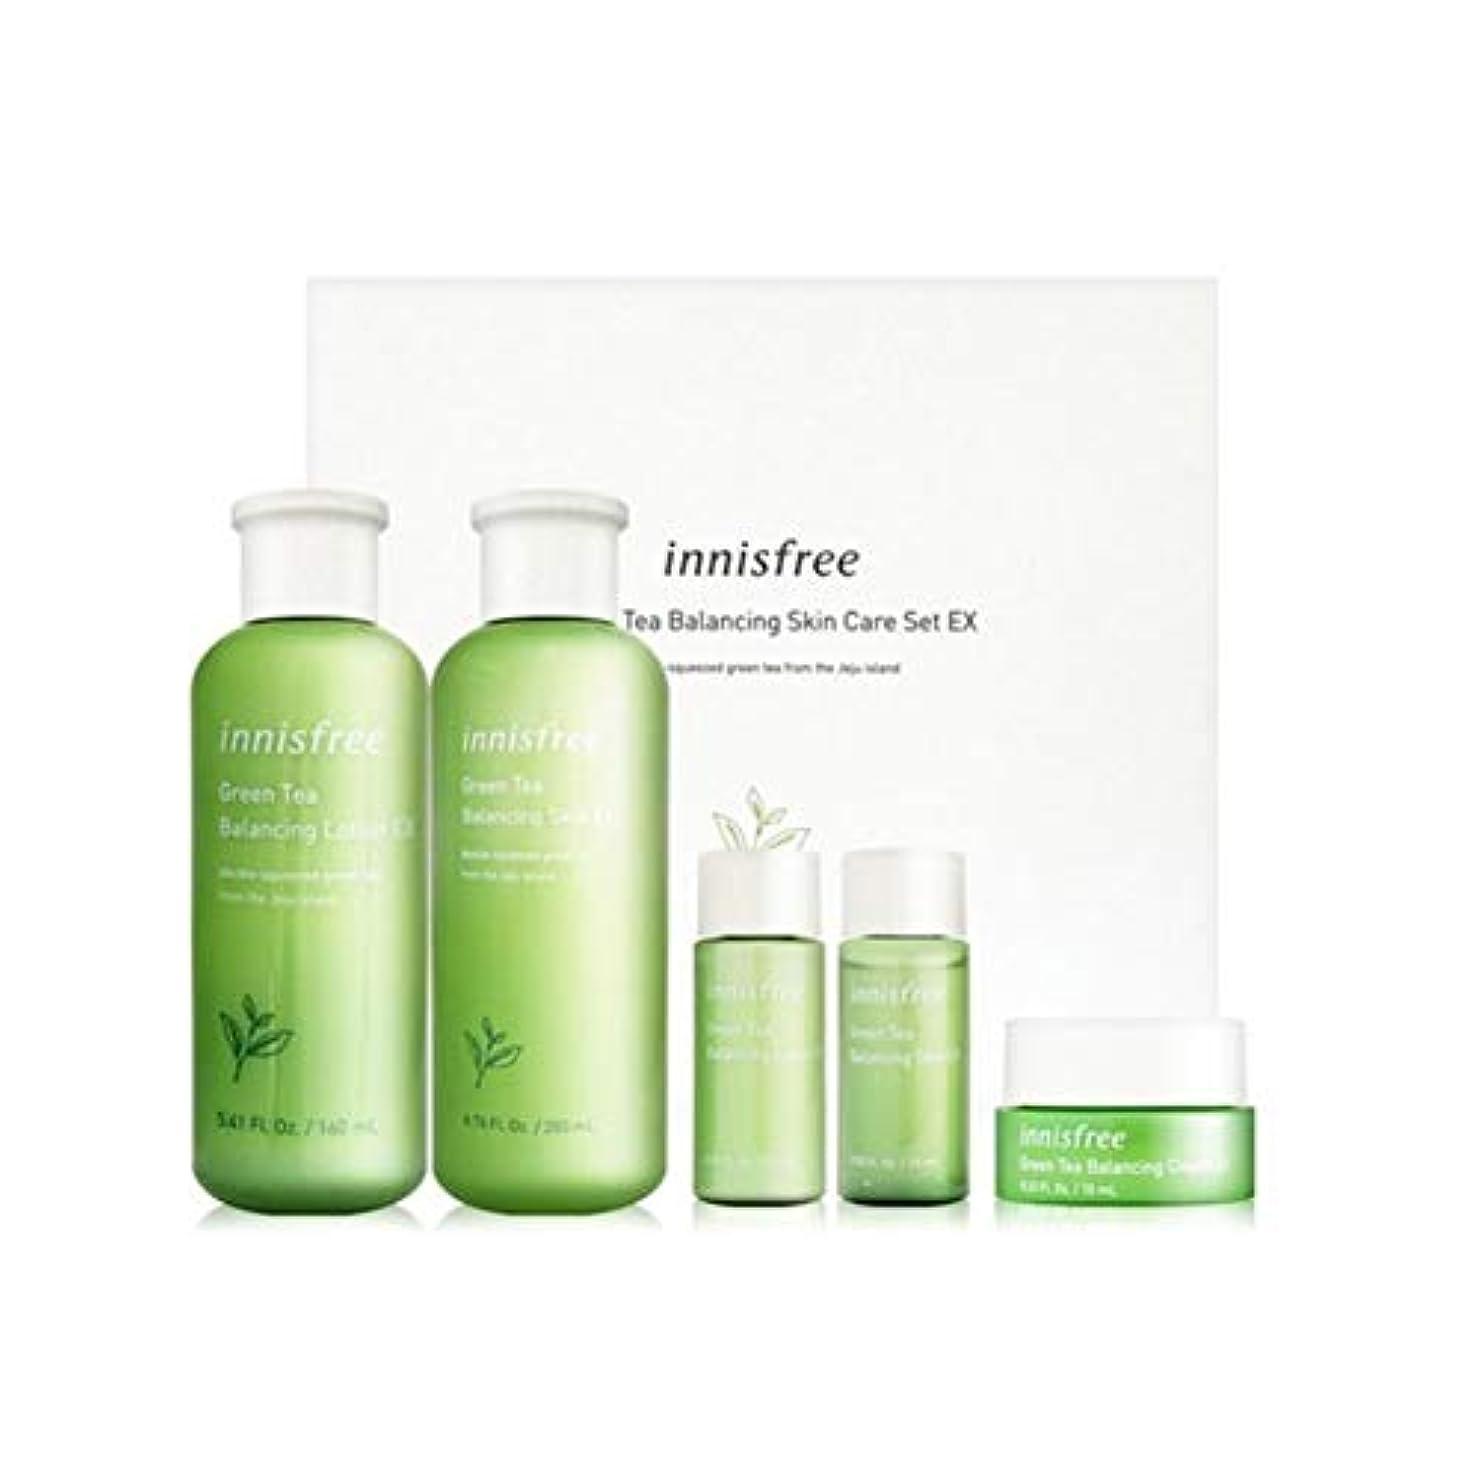 ジャンク境界障害イニスフリーグリーンティーバランシングスキンケアセットの水分ケア韓国コスメ、innisfree Green Tea Balancing Skin Care Set Korean Cosmetics [並行輸入品]